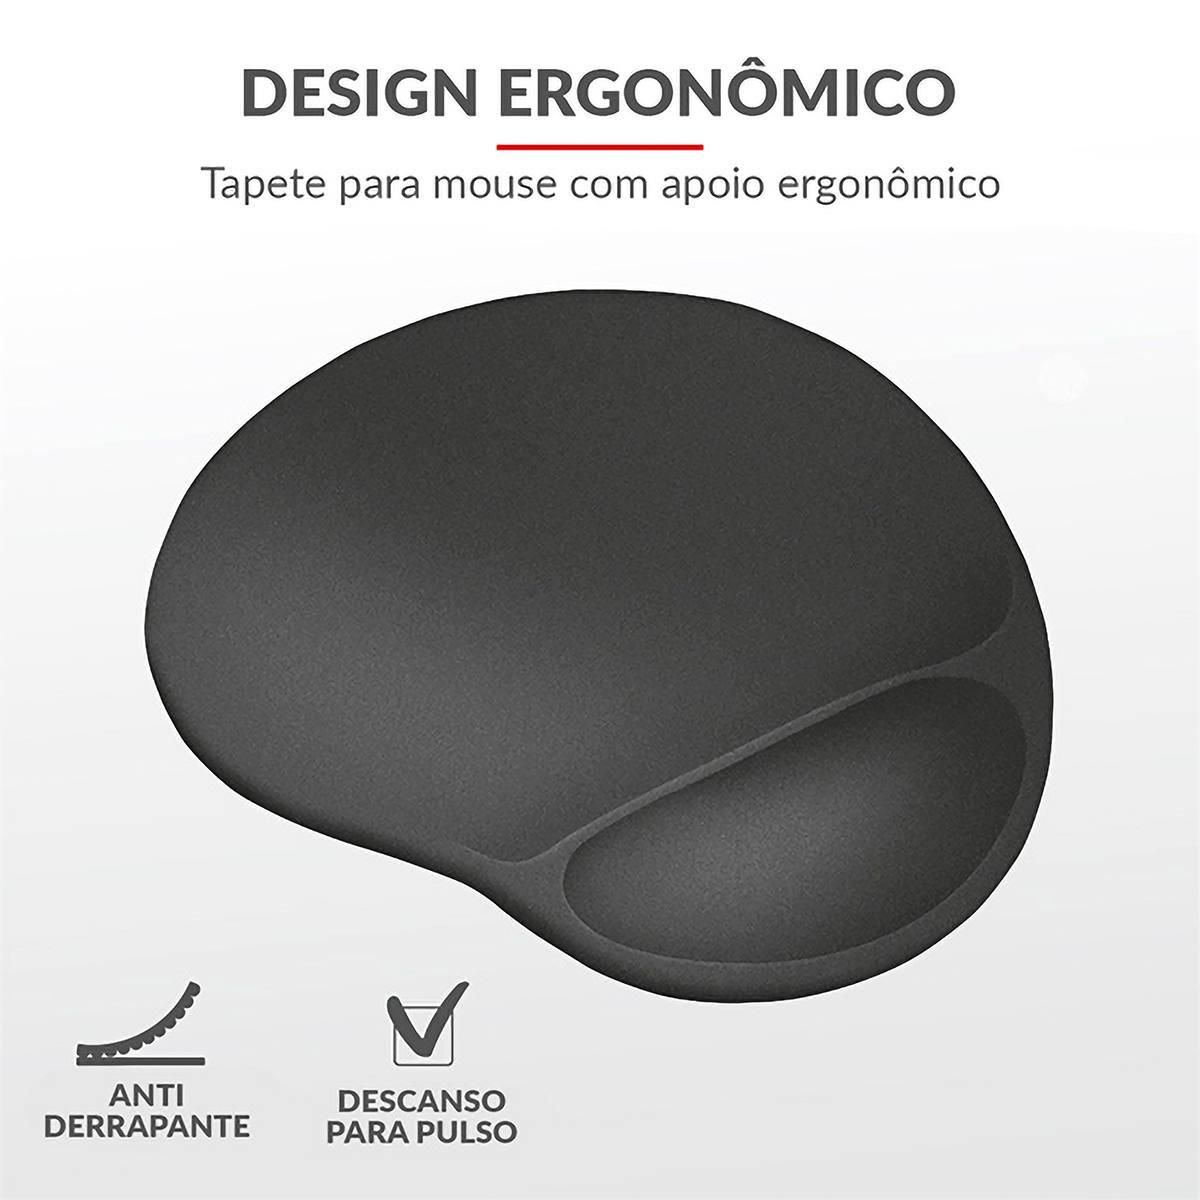 Mouse Pad BigFoot com Apoio para Pulso em Gel Extragrande XL 255x295mm Ergonômico Trust GXT 761 Mousepad Preto